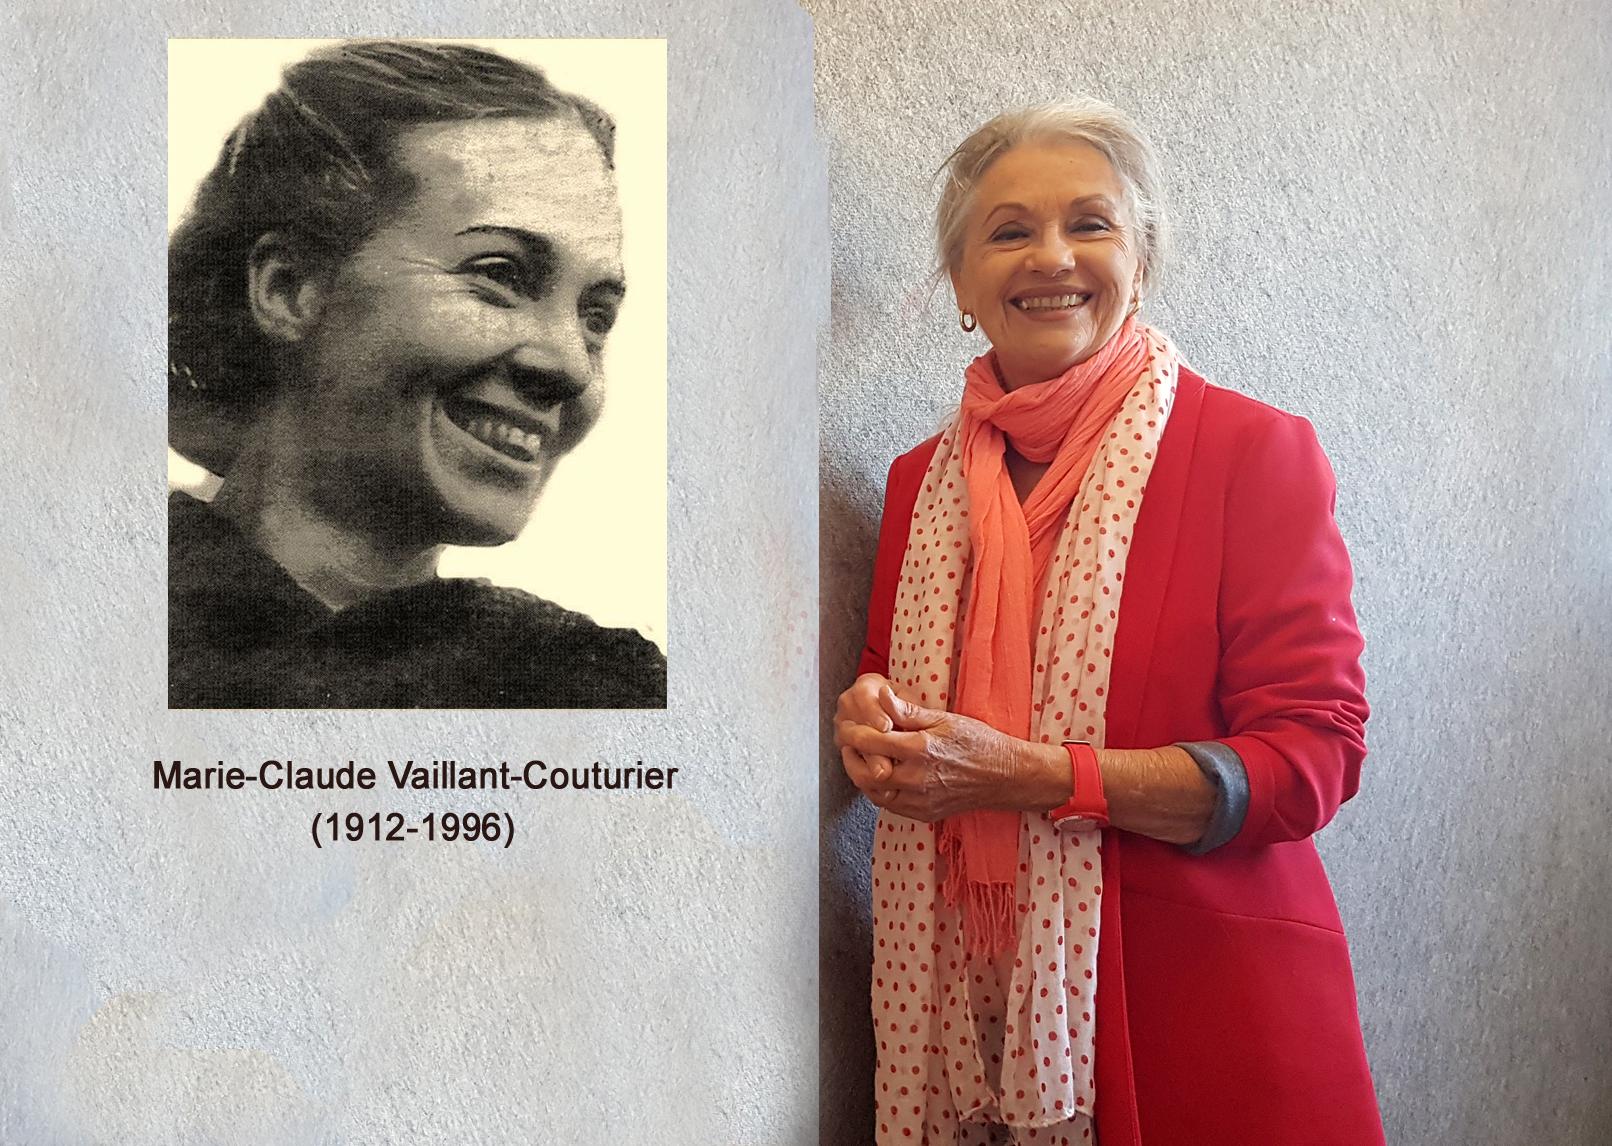 Marie-Claude Vaillant-Couturier et Jacqueline Hennegrave